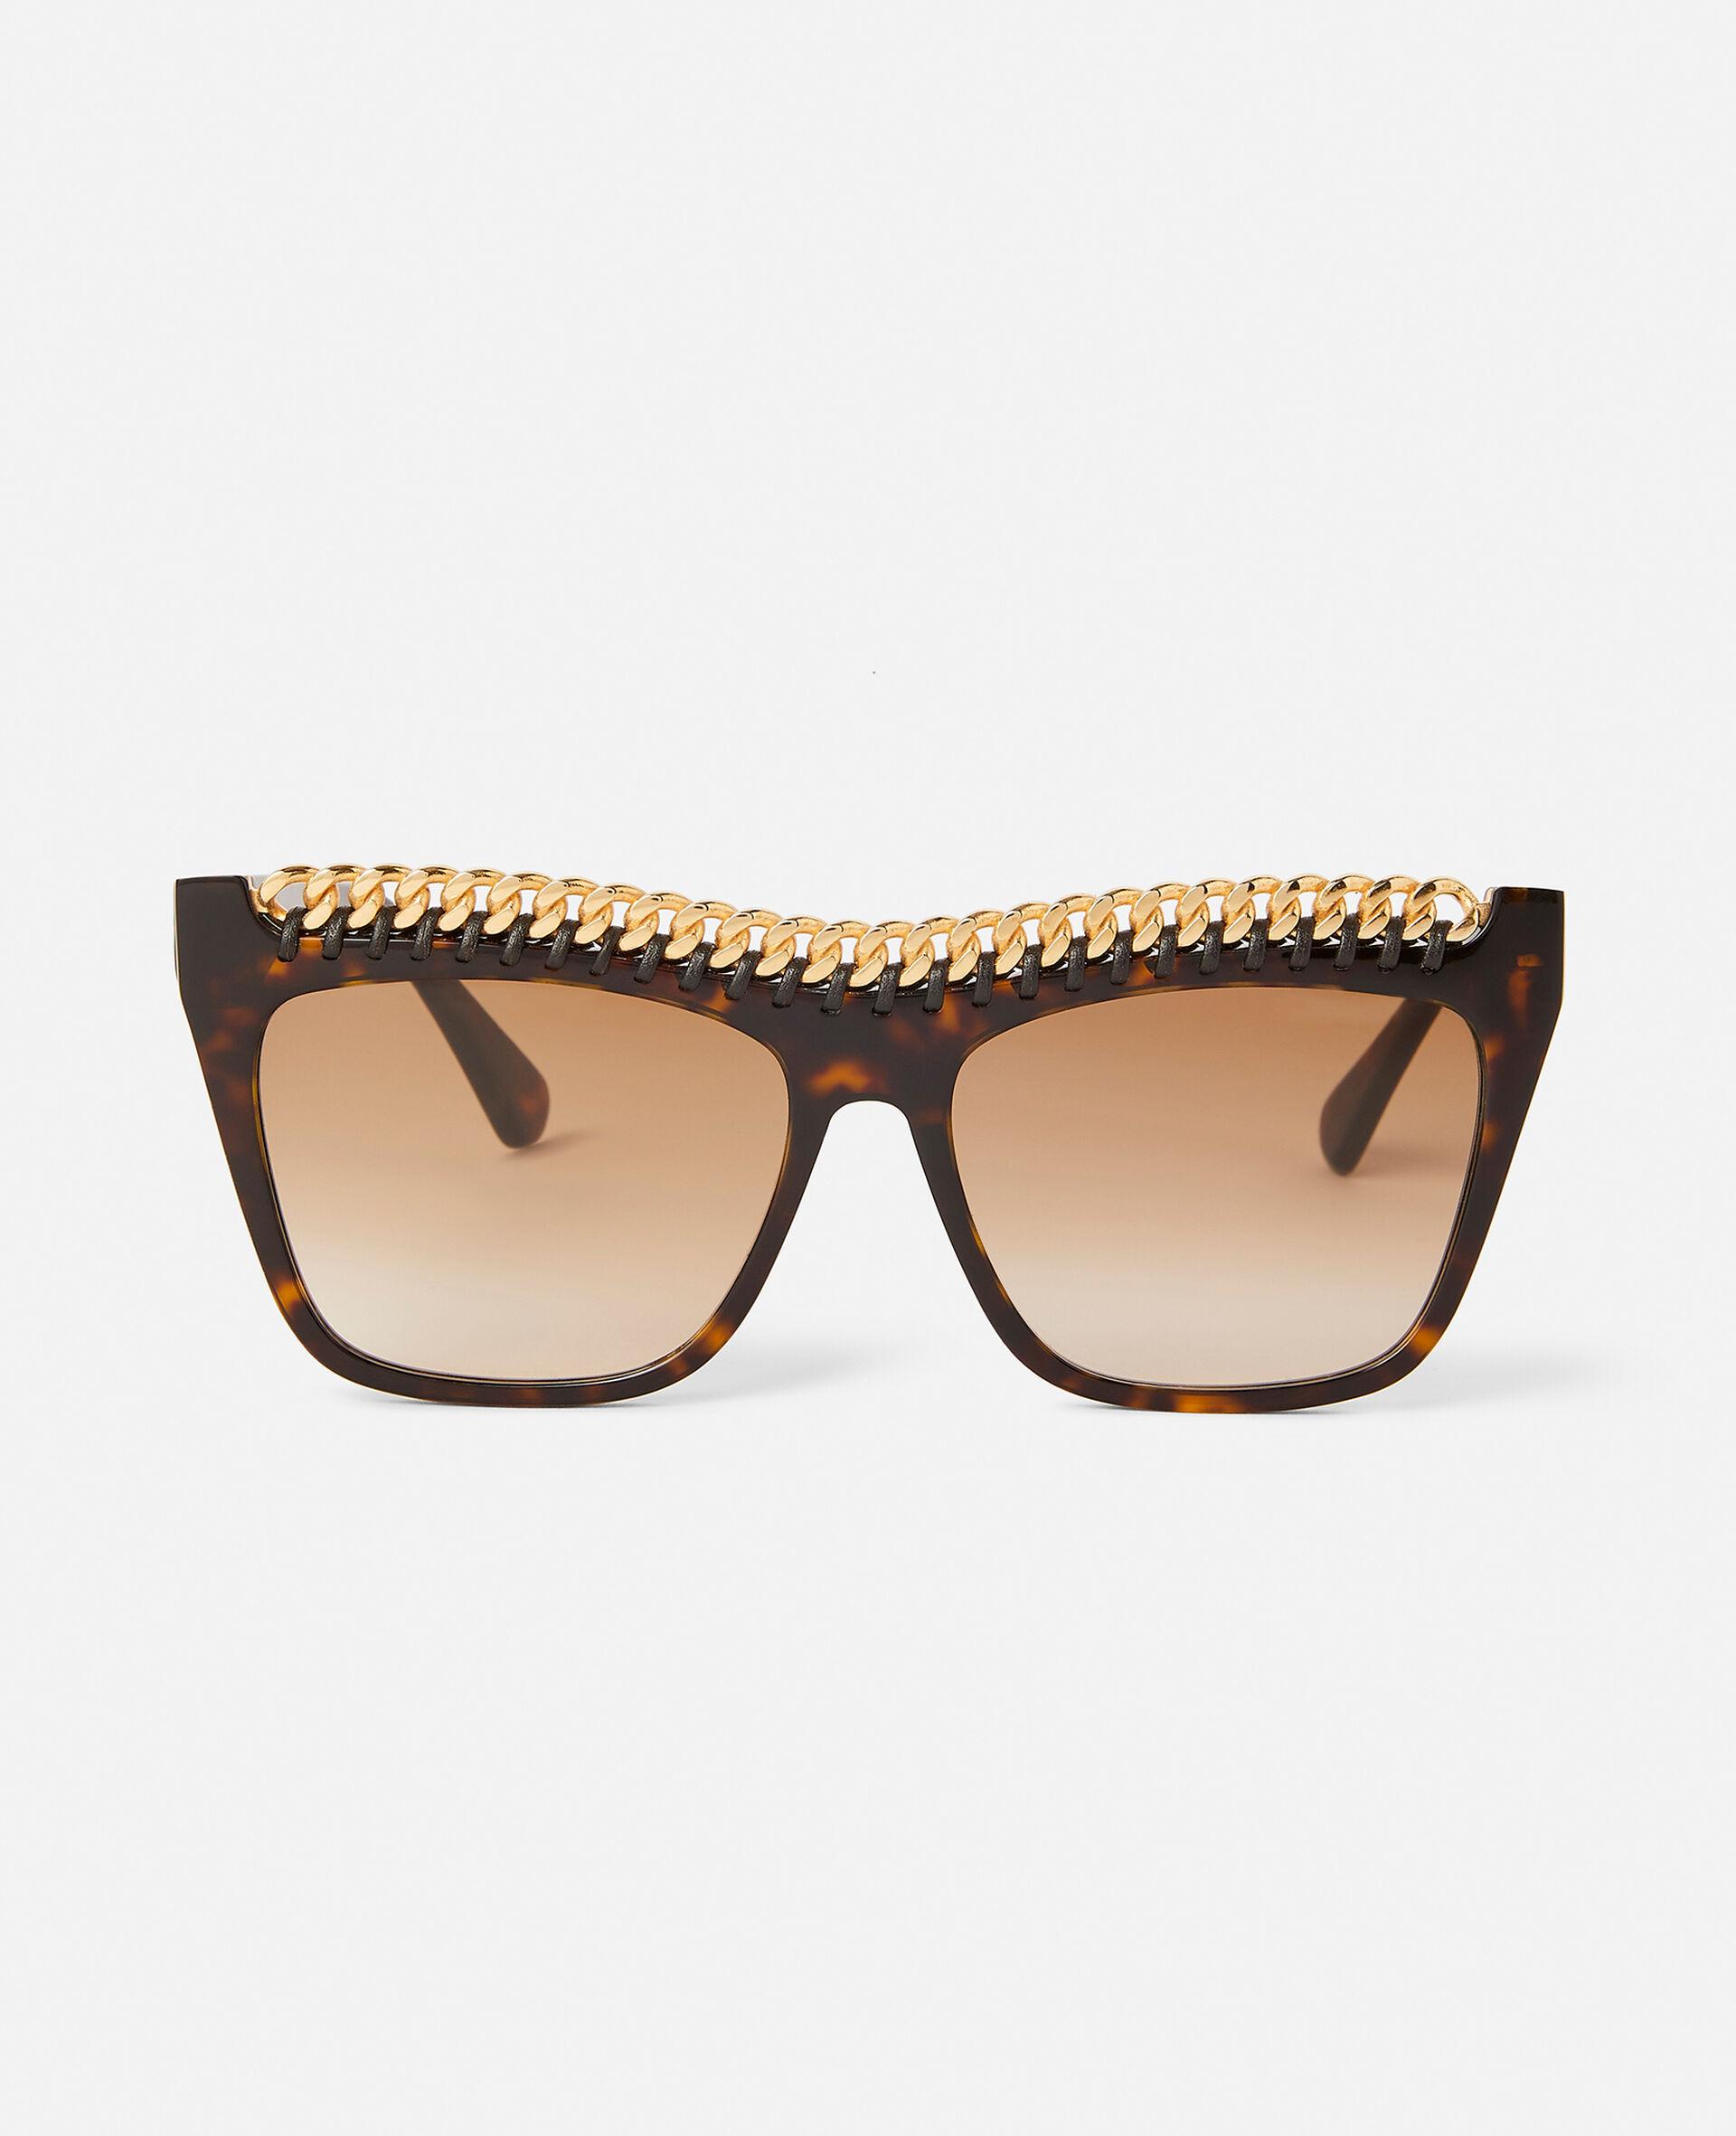 Shiny Black Square Sunglasses-Black-large image number 5